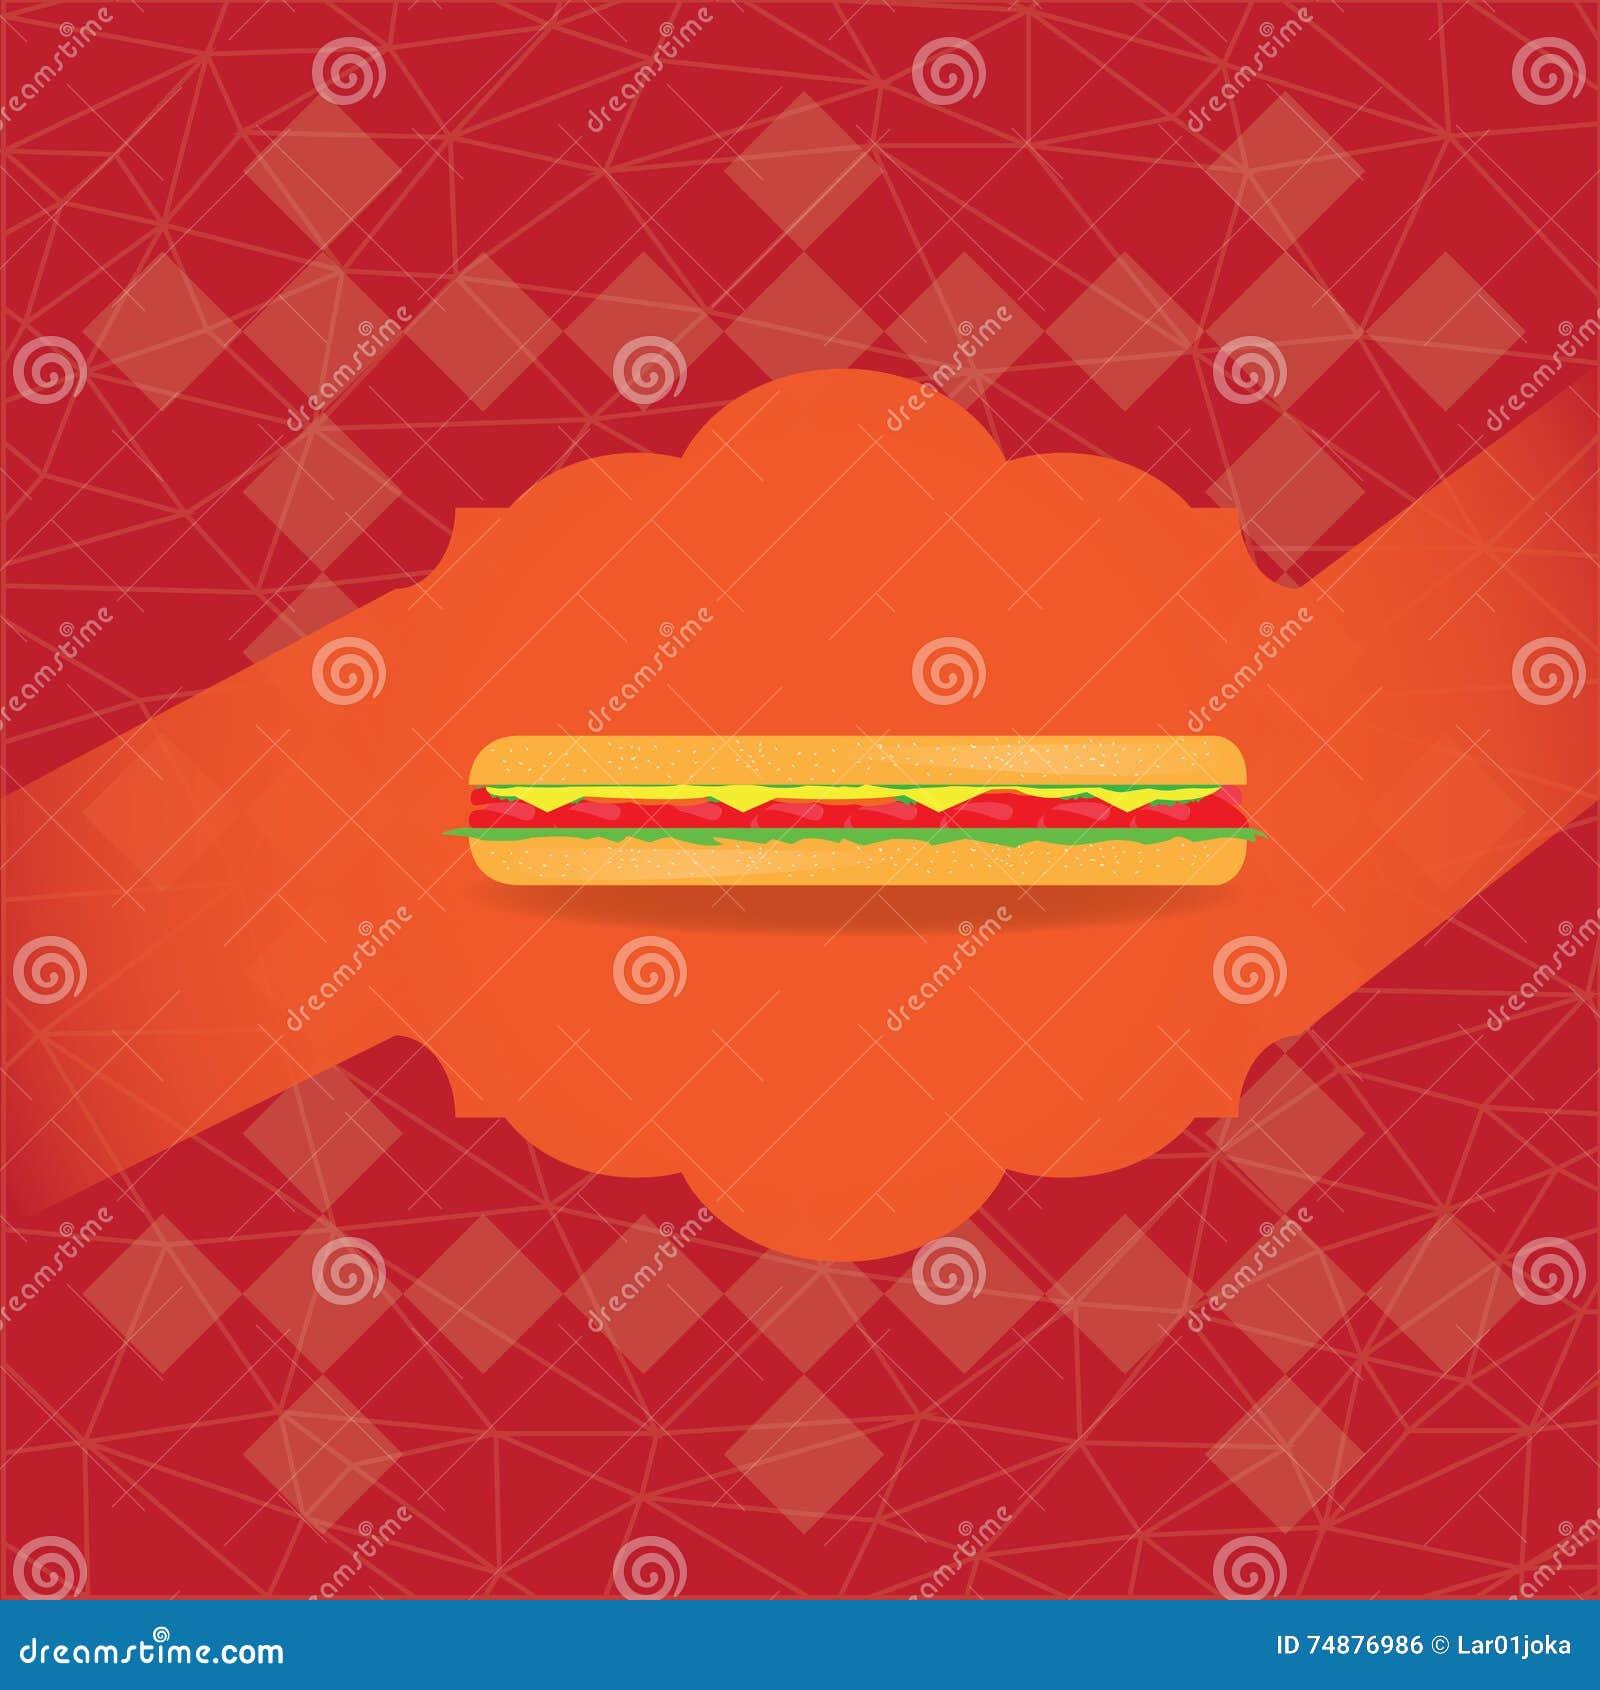 Fast food retro